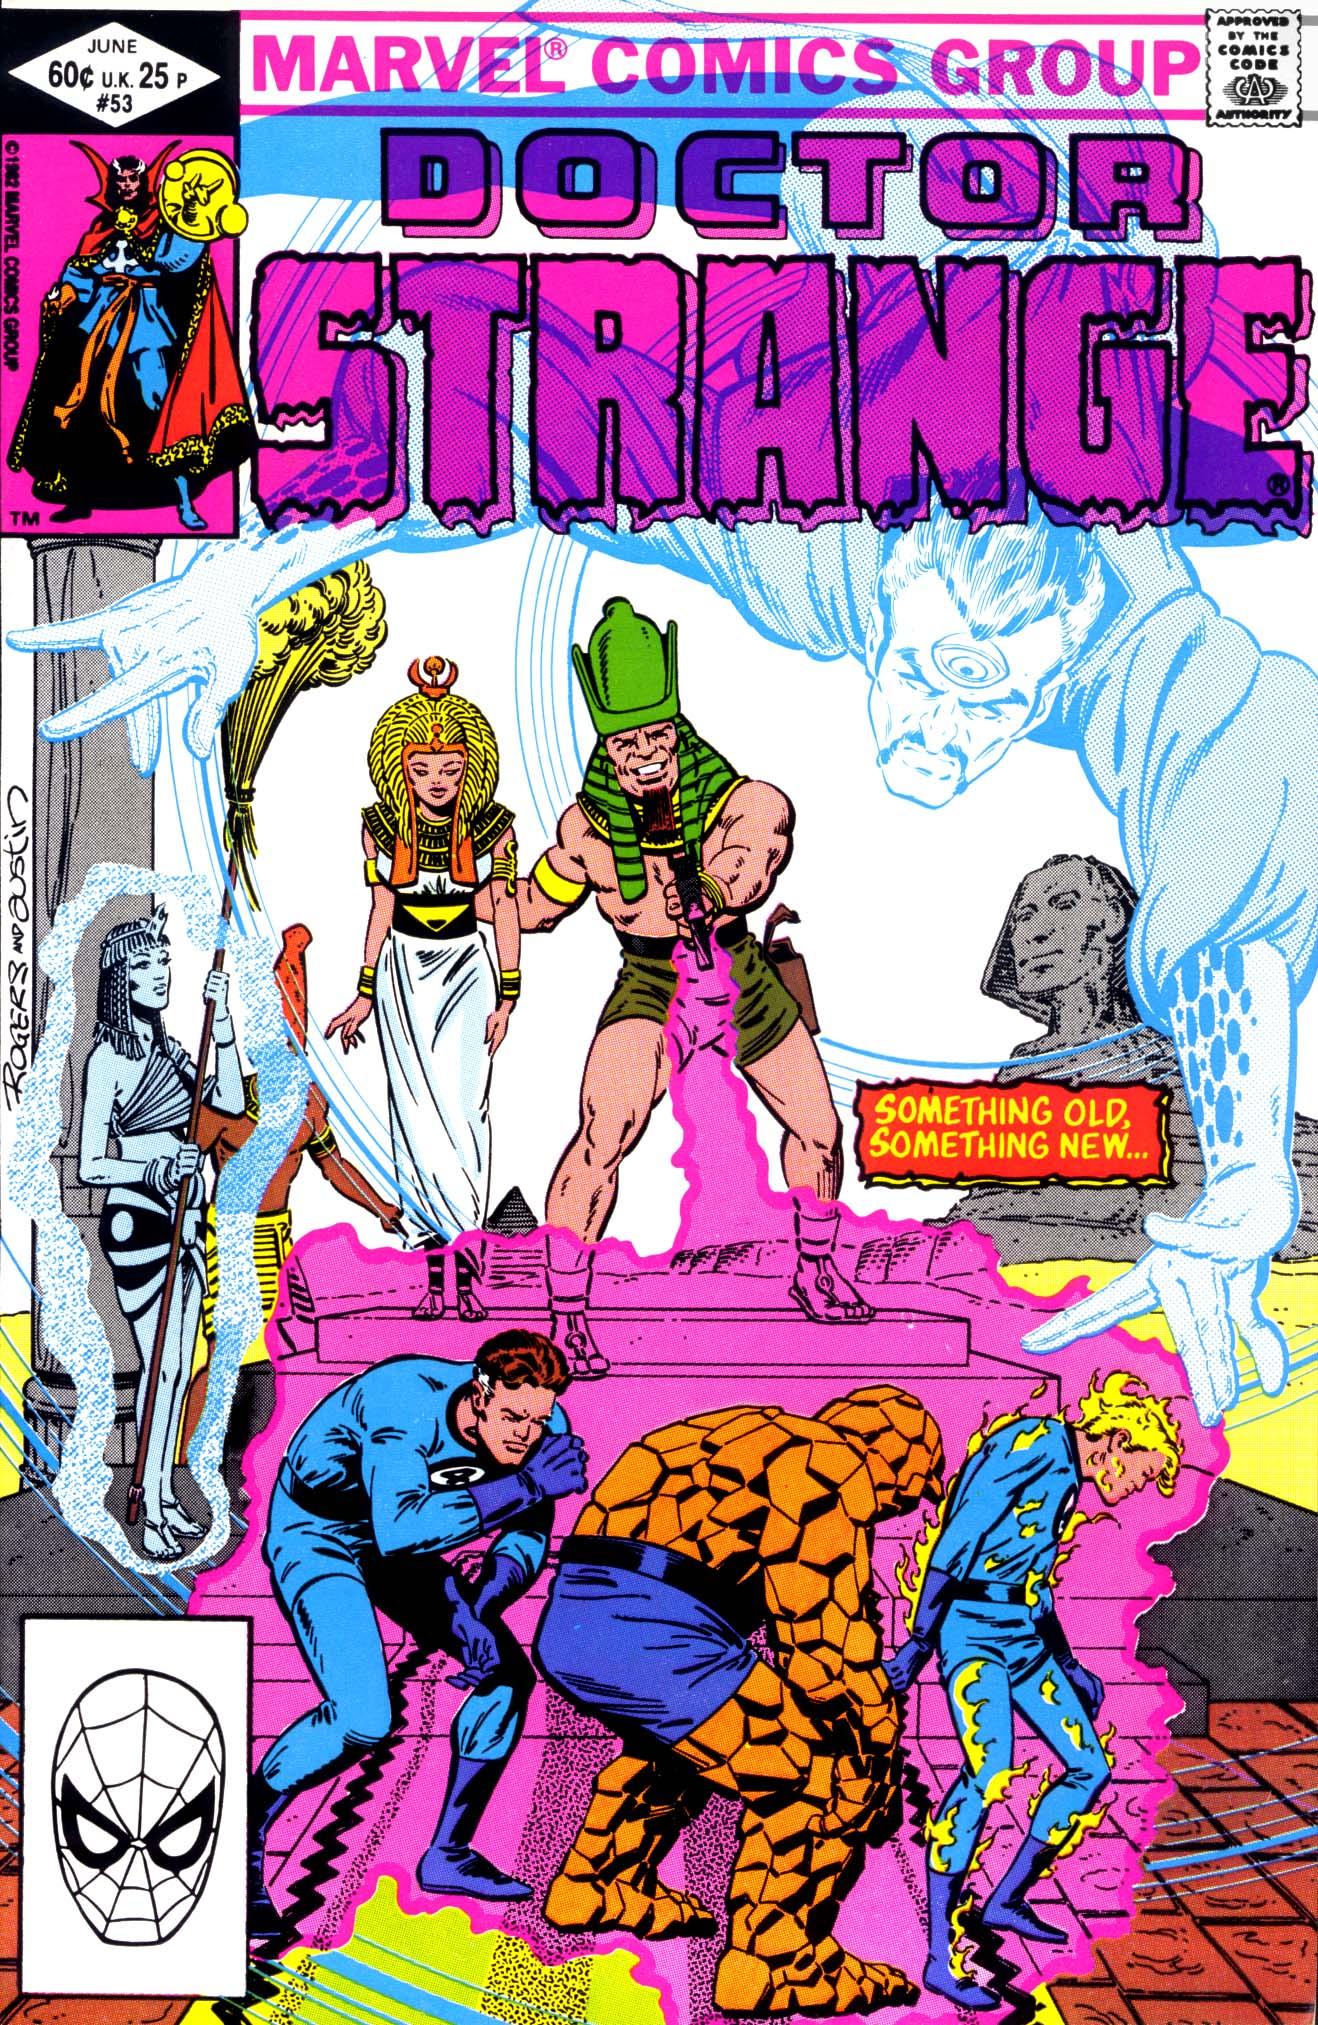 Doctor Strange (1974) 53 Page 1